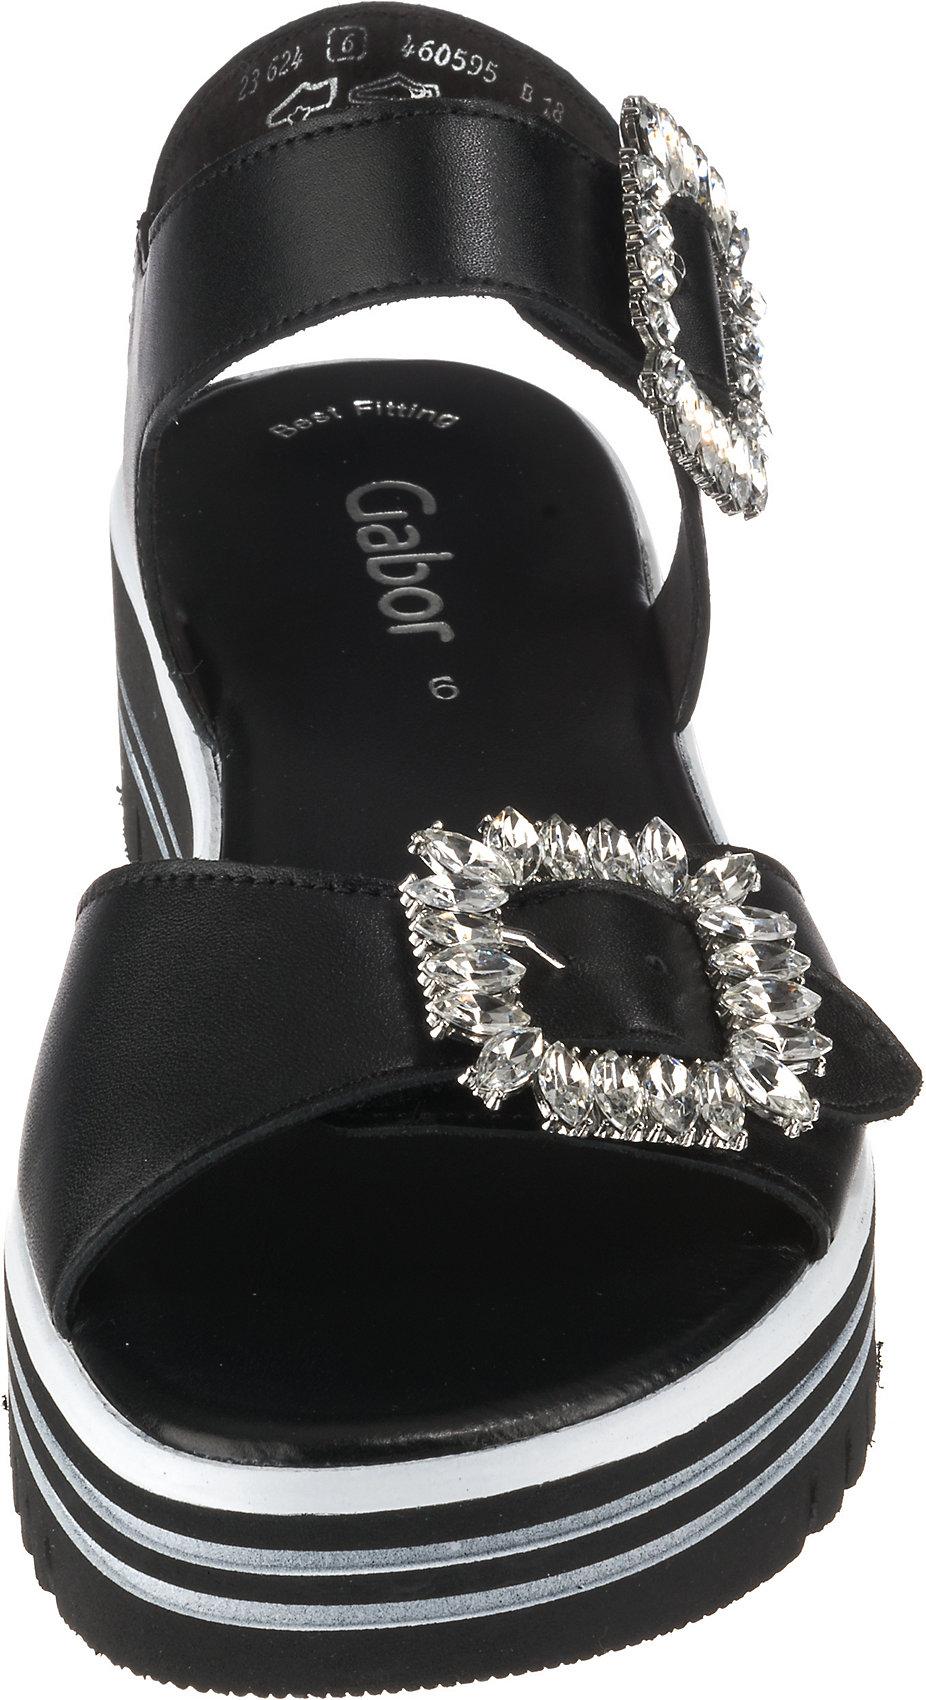 Neu Gabor Klassische Sandalen Sandalen Sandalen 10748979 für Damen schwarz fb4631